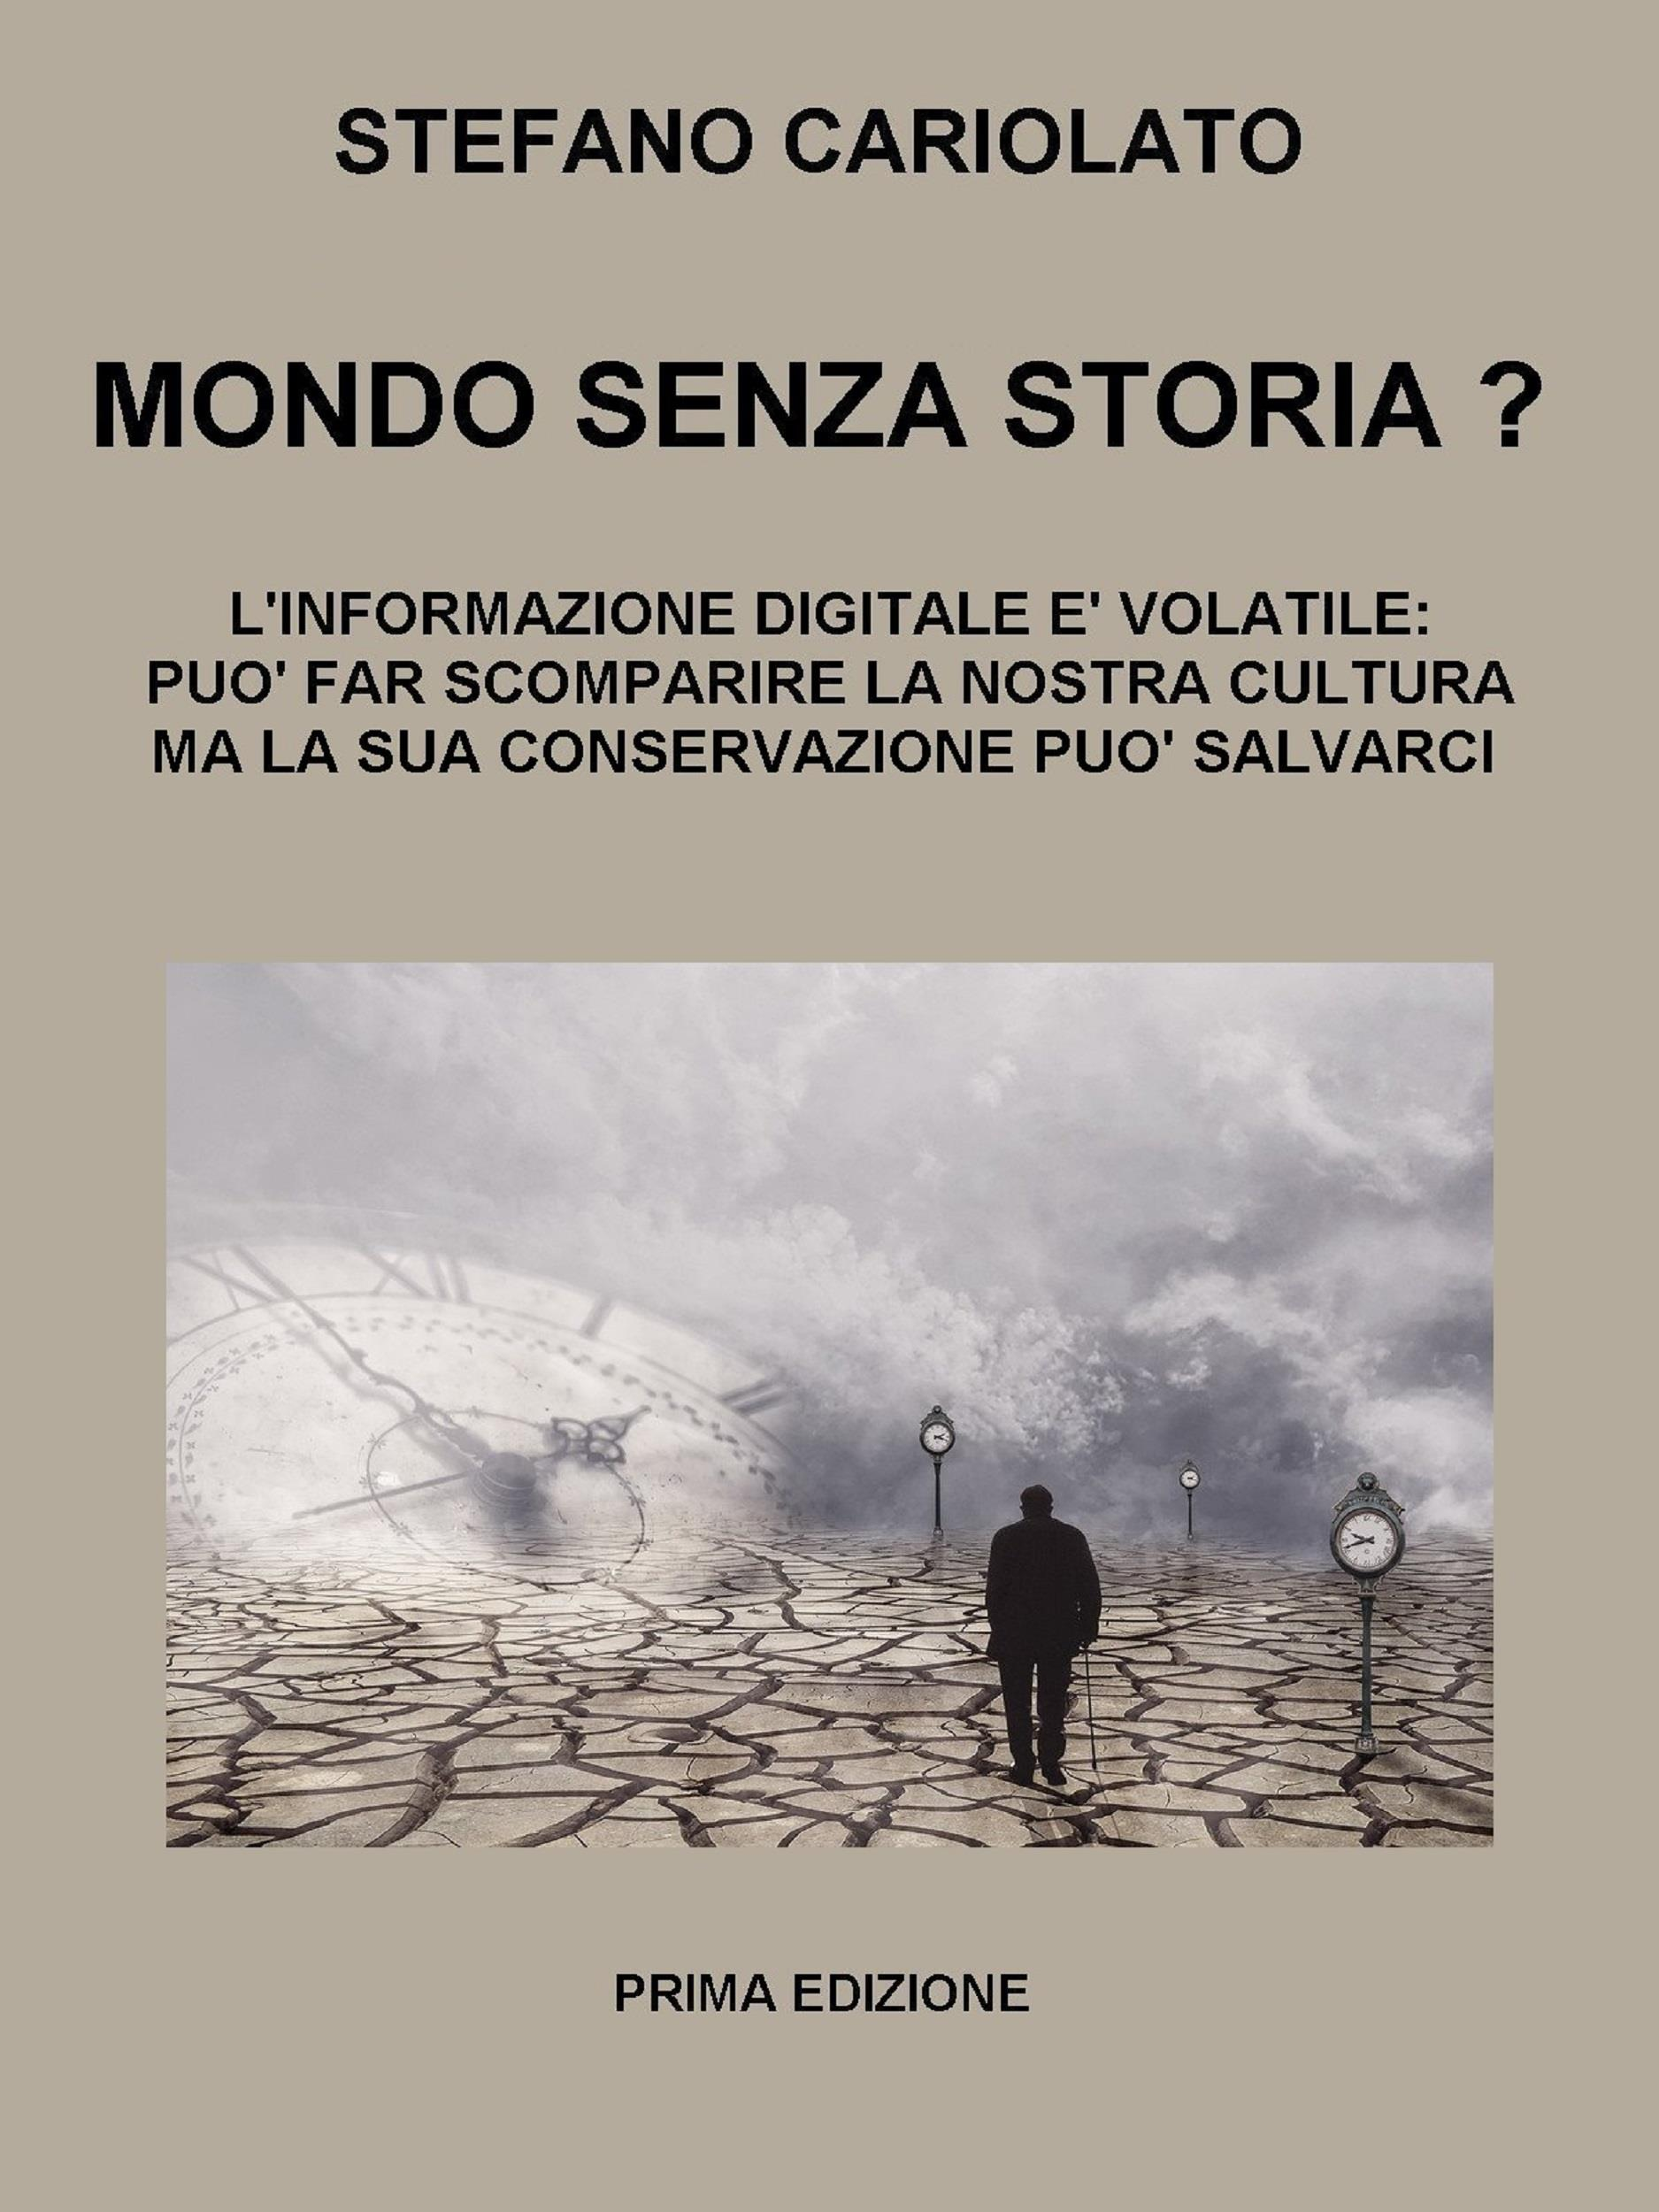 Mondo senza storia? L'informazione digitale è volatile: essa può far scomparire la nostra cultura ma la sua conservazione può salvarci